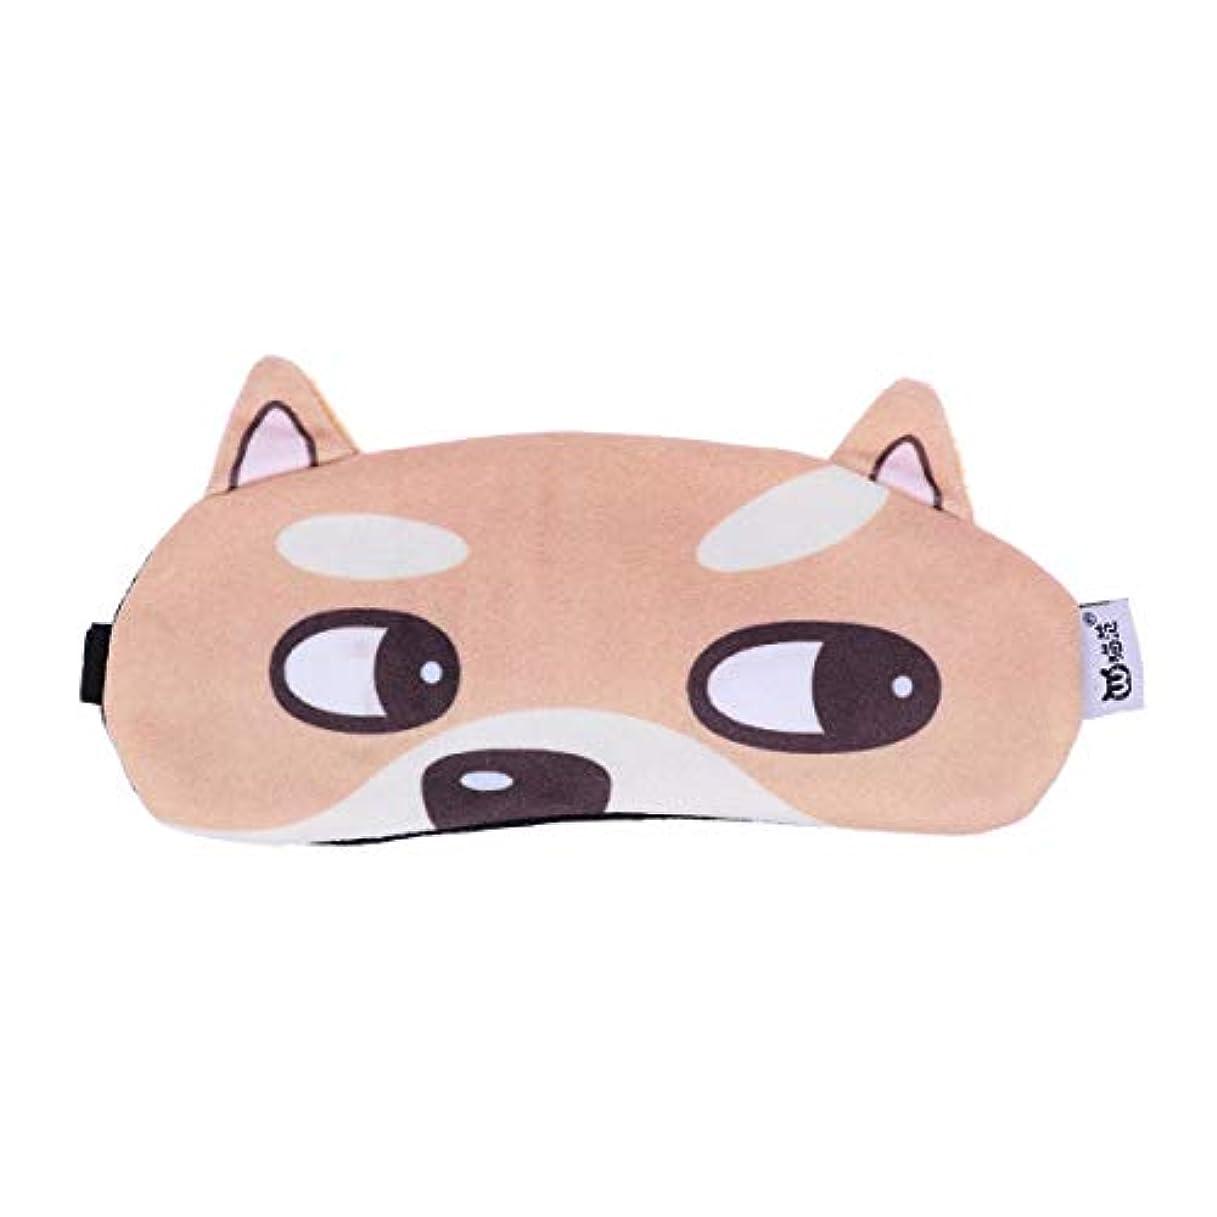 緩める可決ステージHealifty アイマスク ゲル アイスパッド アイスアイマスク 目隠し リラックス 冷却 パック 再使用可能 目の疲れ軽減 安眠 血行促進(犬)